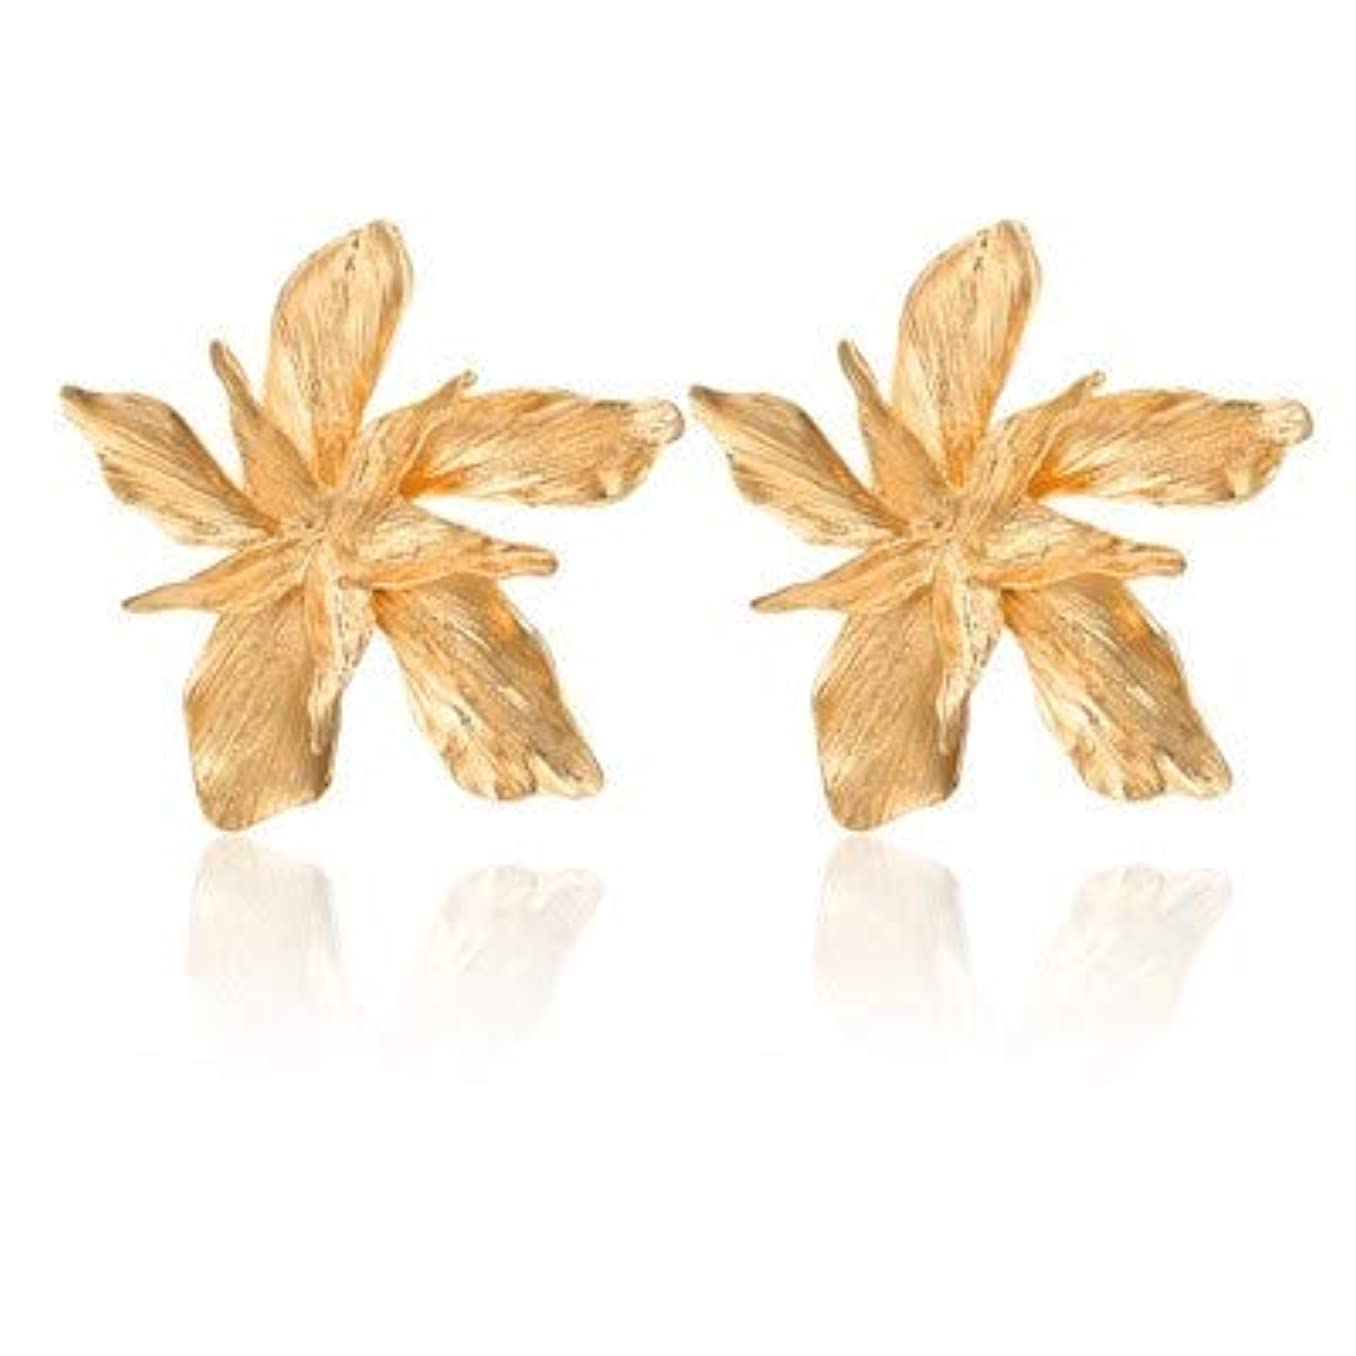 ブルゴーニュ教える生産的DYWJ 女性の流行のメタル花パーティージュエリーのためのエレガンスシルバーゴールドビッグフラワードロップちらつかイヤリング (Color : Gold)